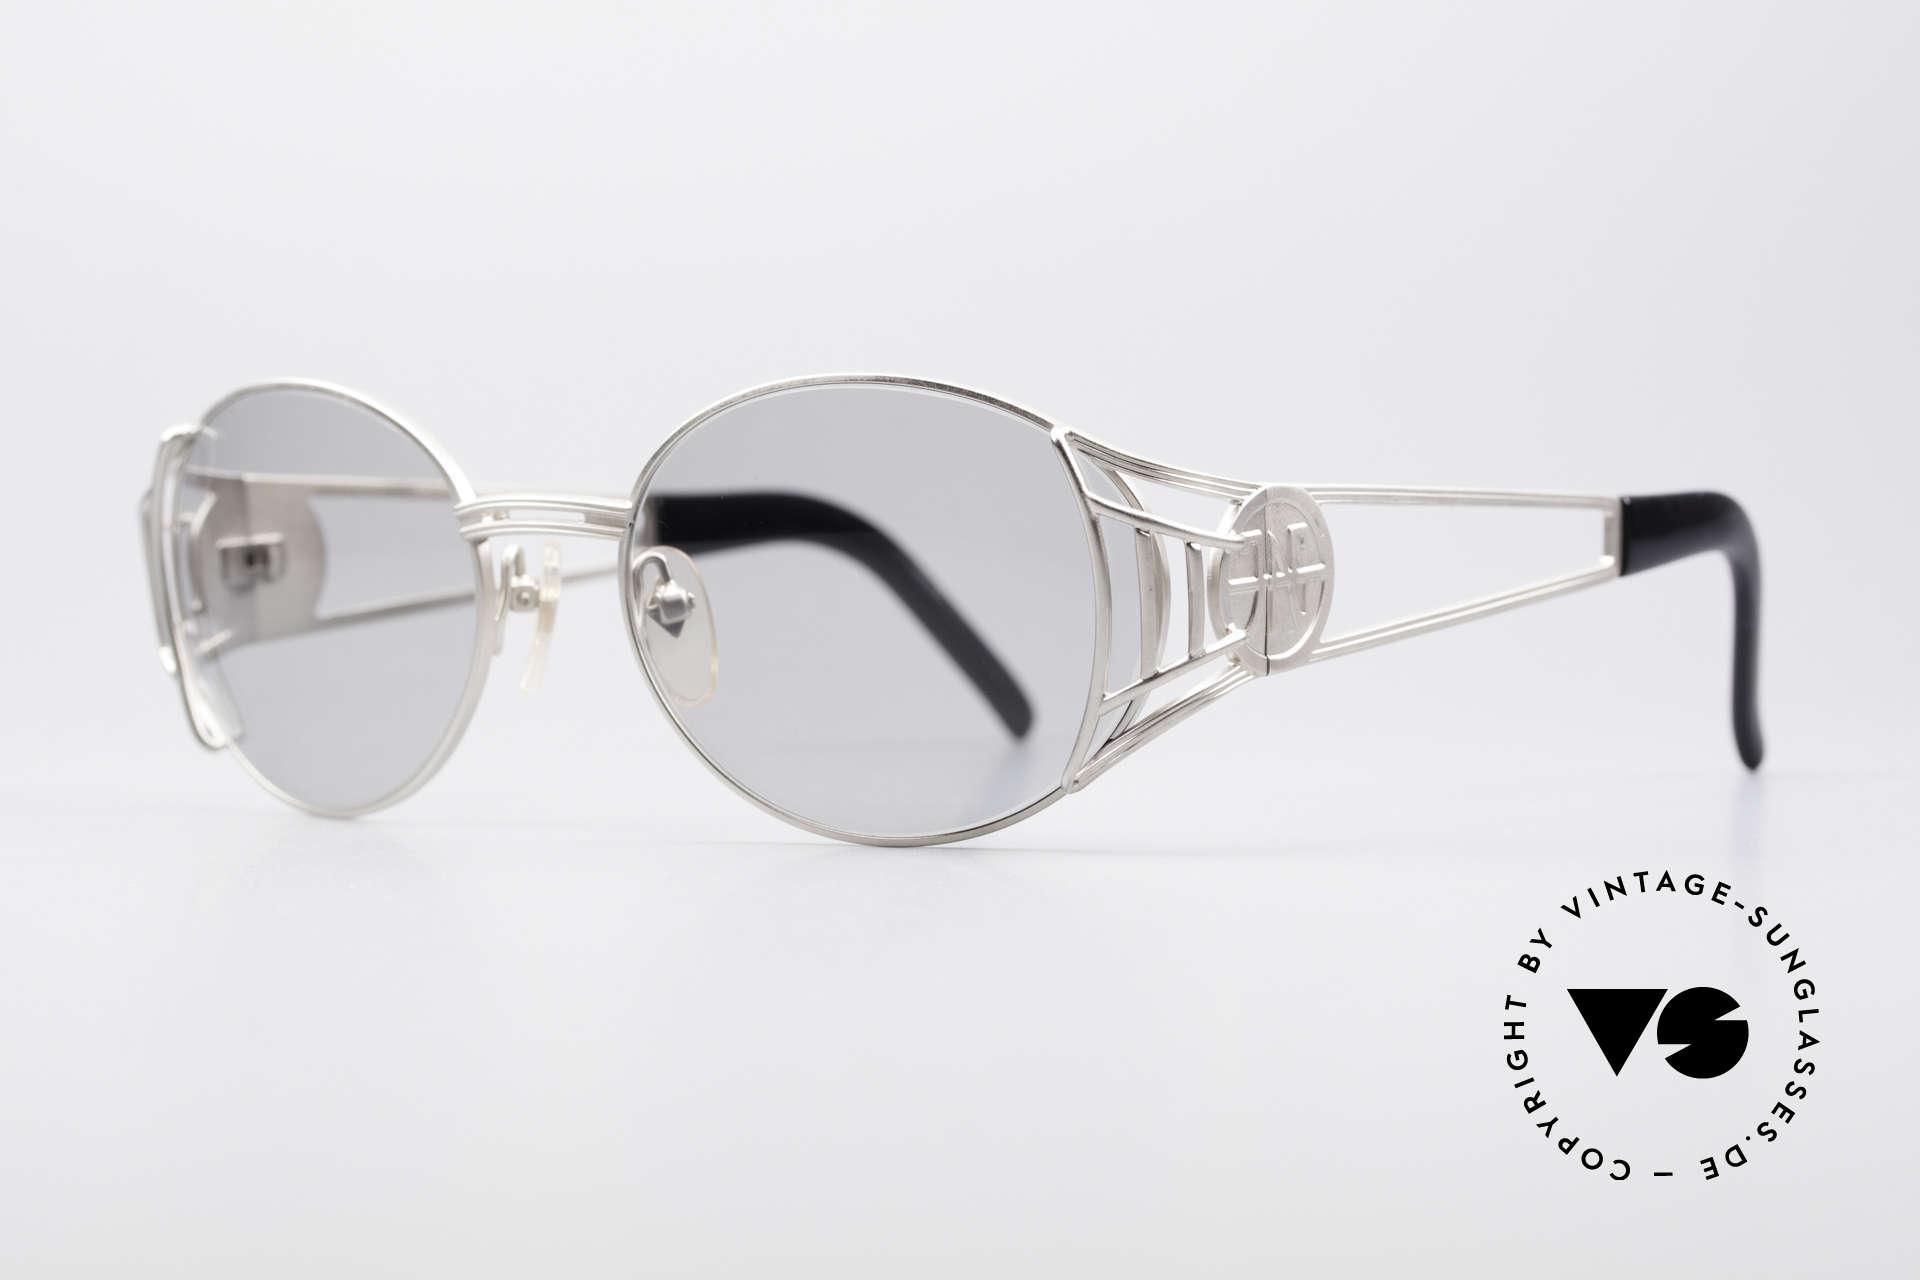 """Jean Paul Gaultier 58-6102 Steampunk Vintage Brille, heutzutage oft als """"STEAMPUNK-Brille"""" bezeichnet, Passend für Herren und Damen"""